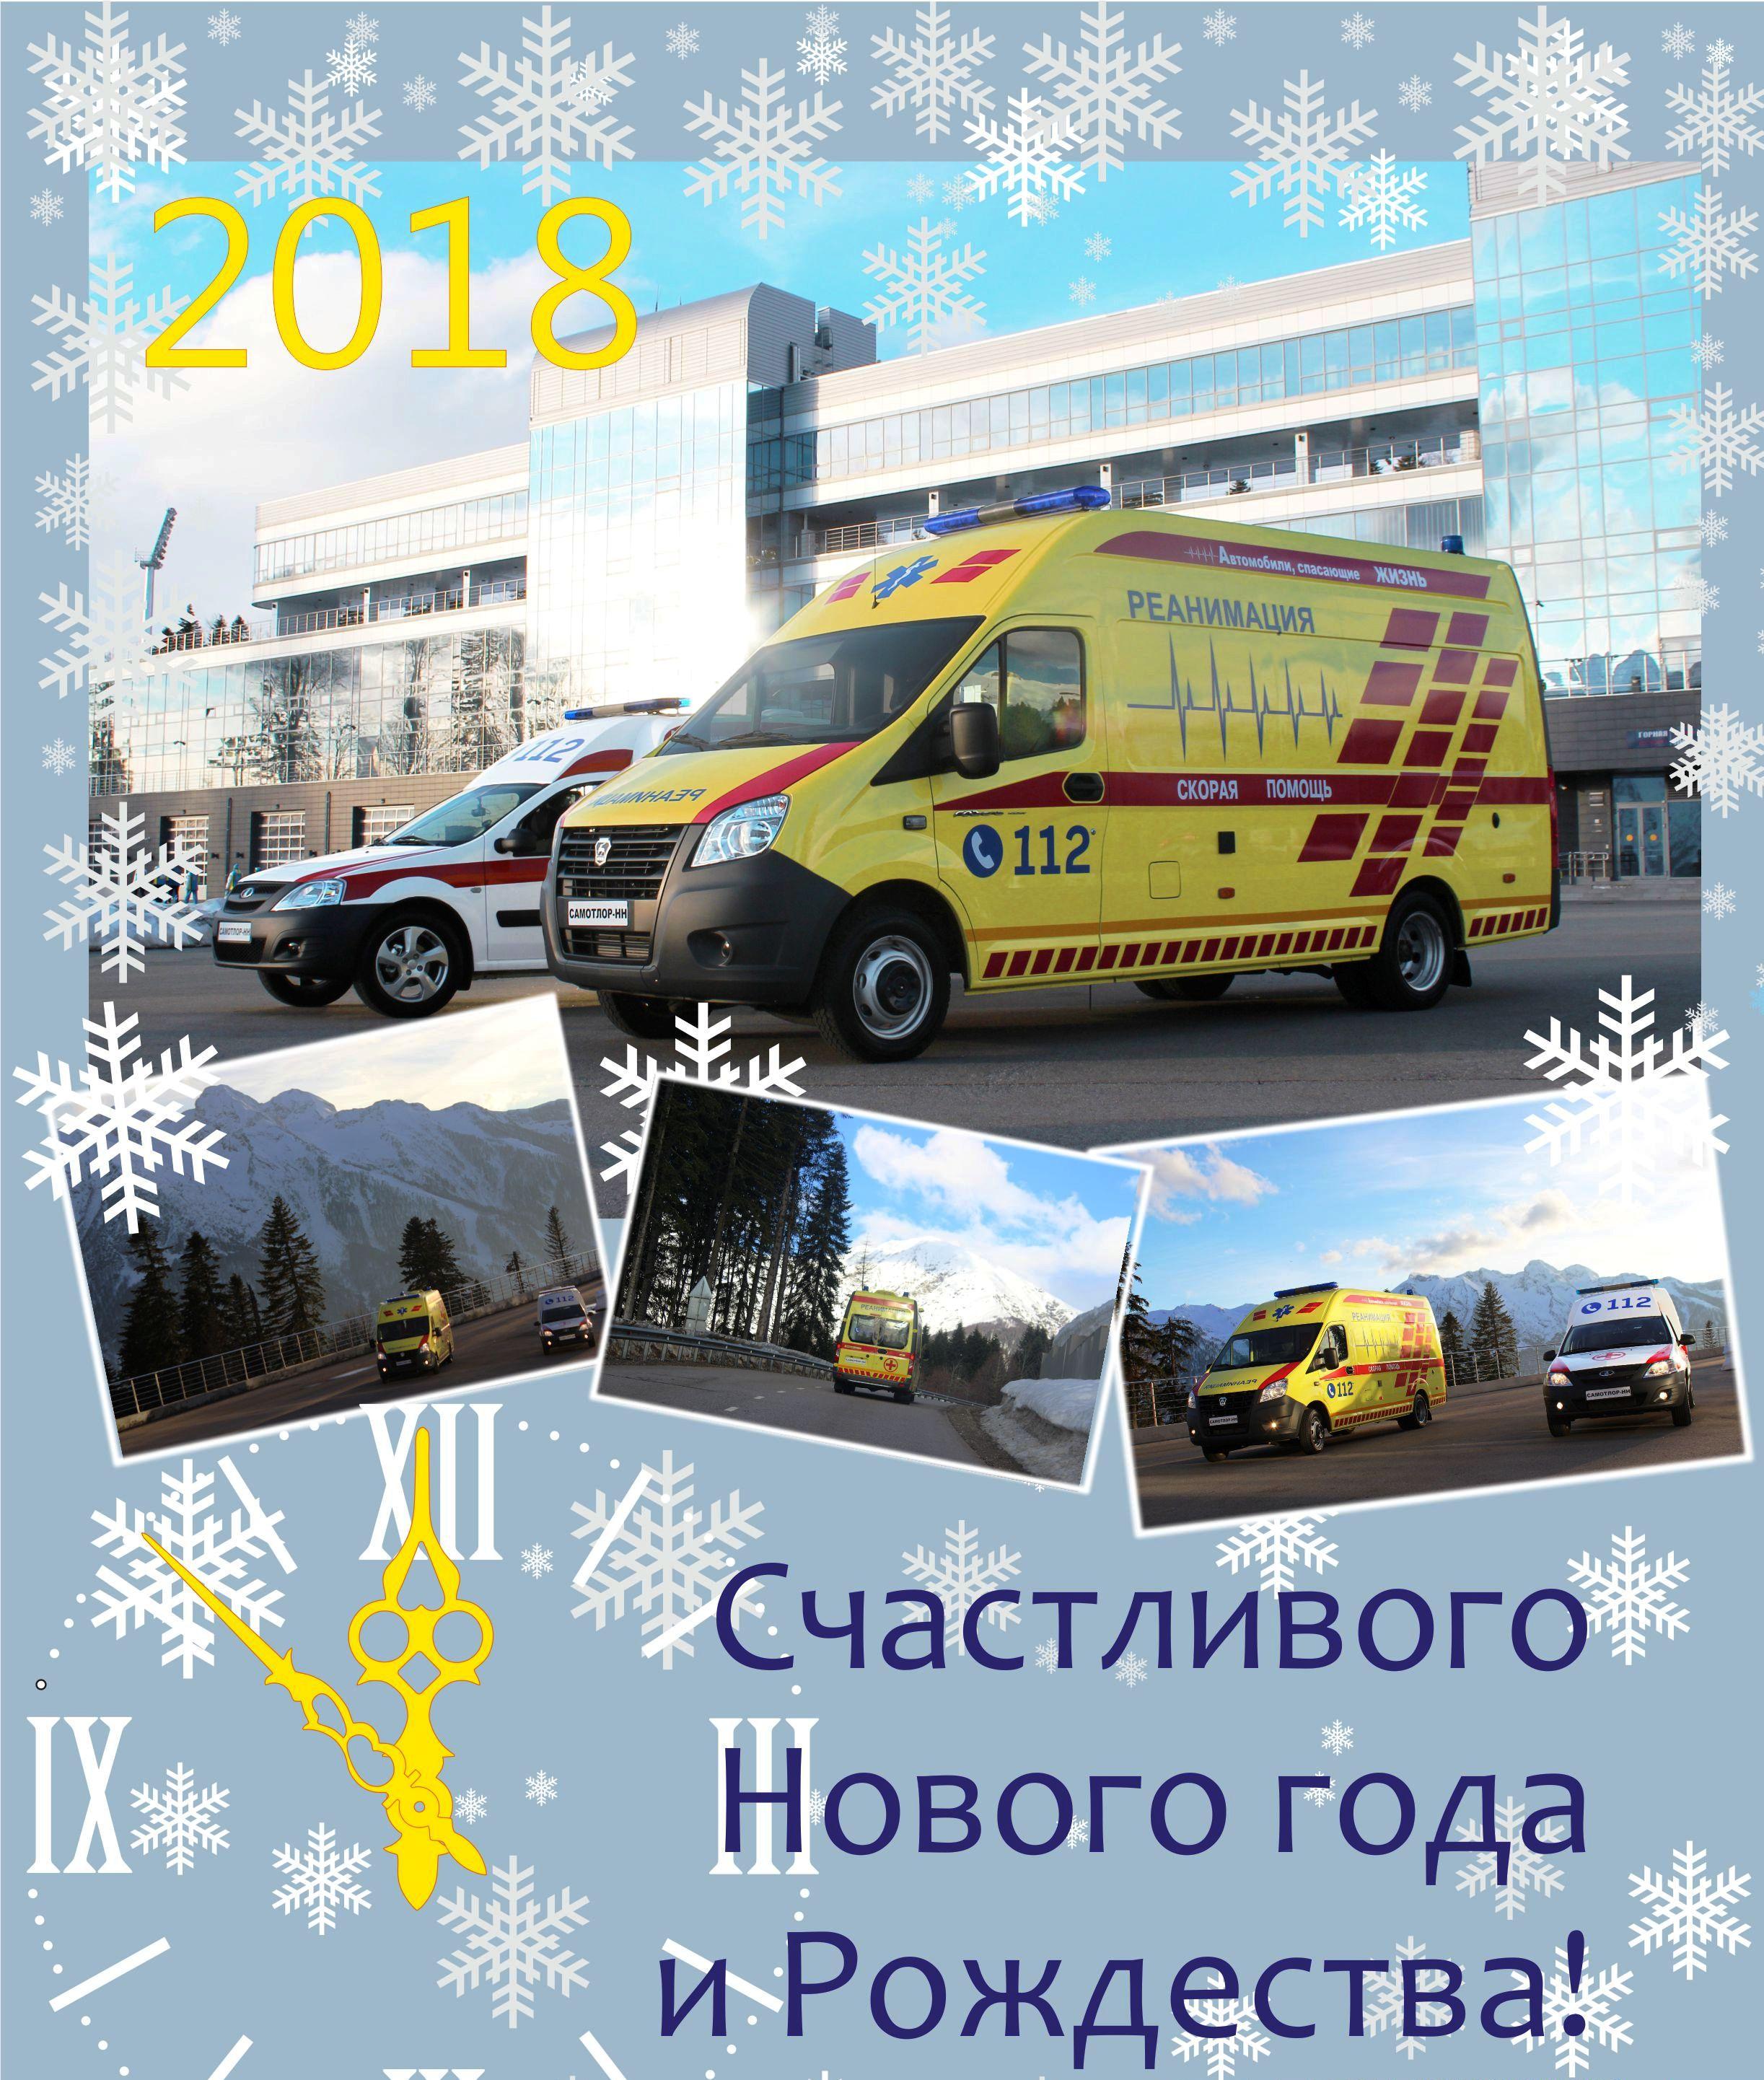 skoraya-medicinskaya-pomoshch-v-2018-god